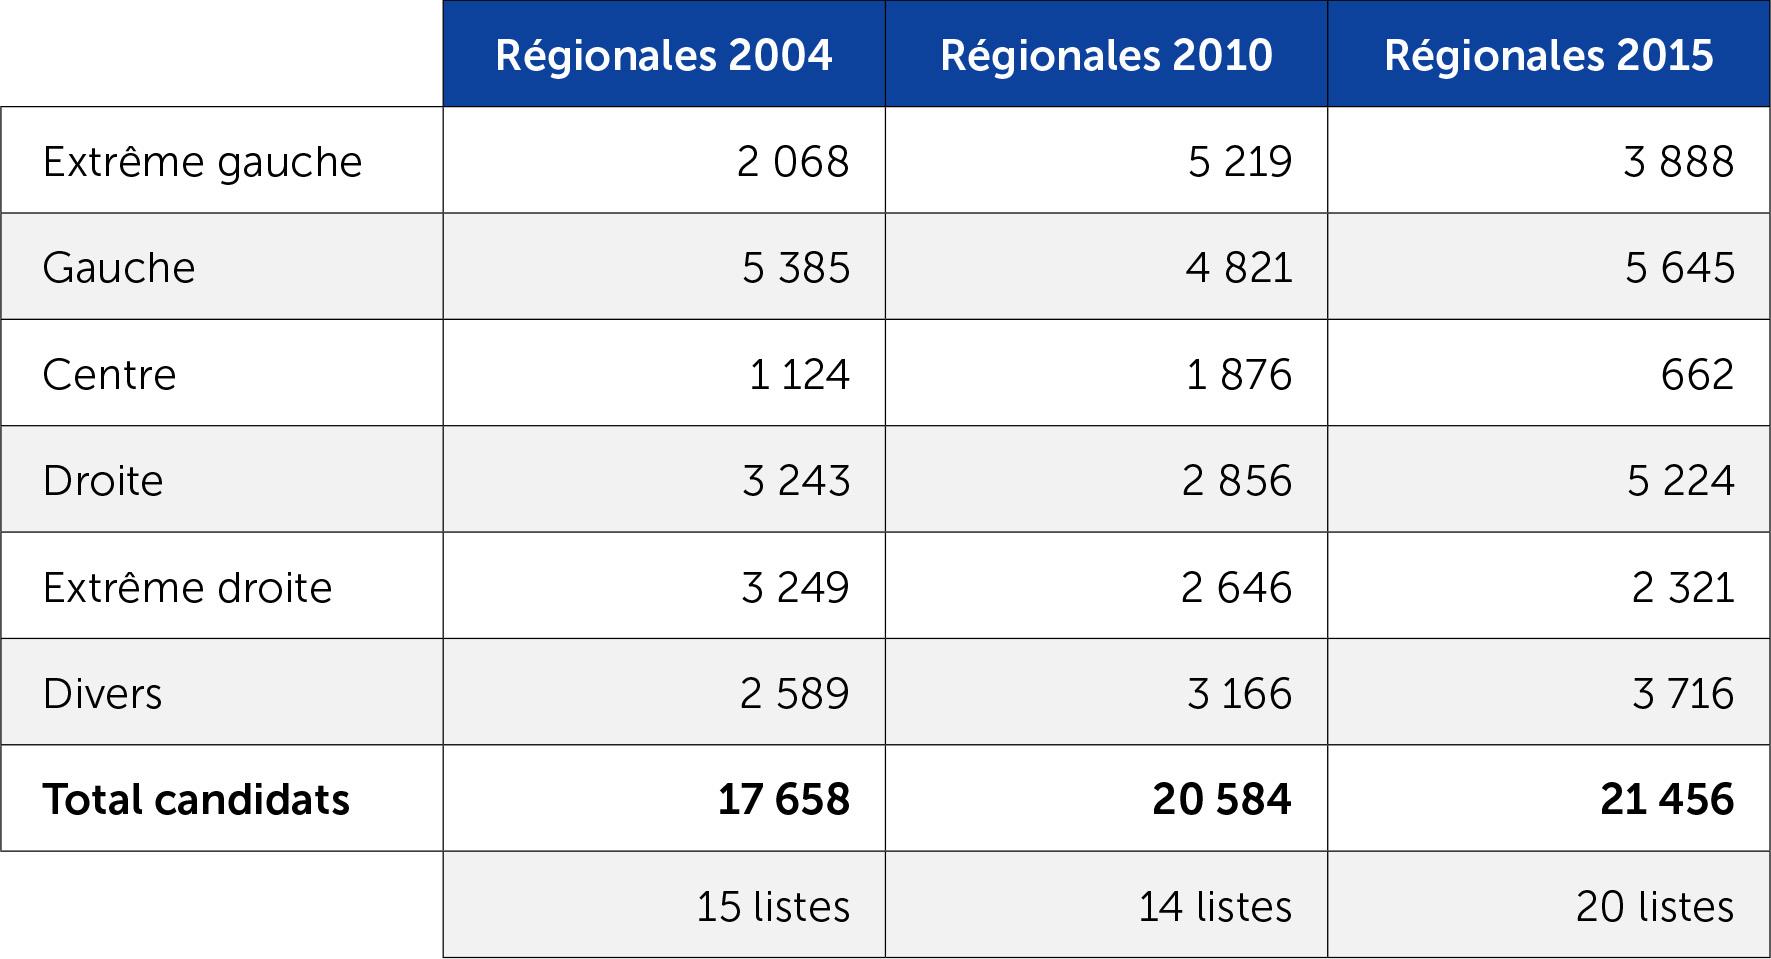 Evolution du nombre de candidats aux régionales